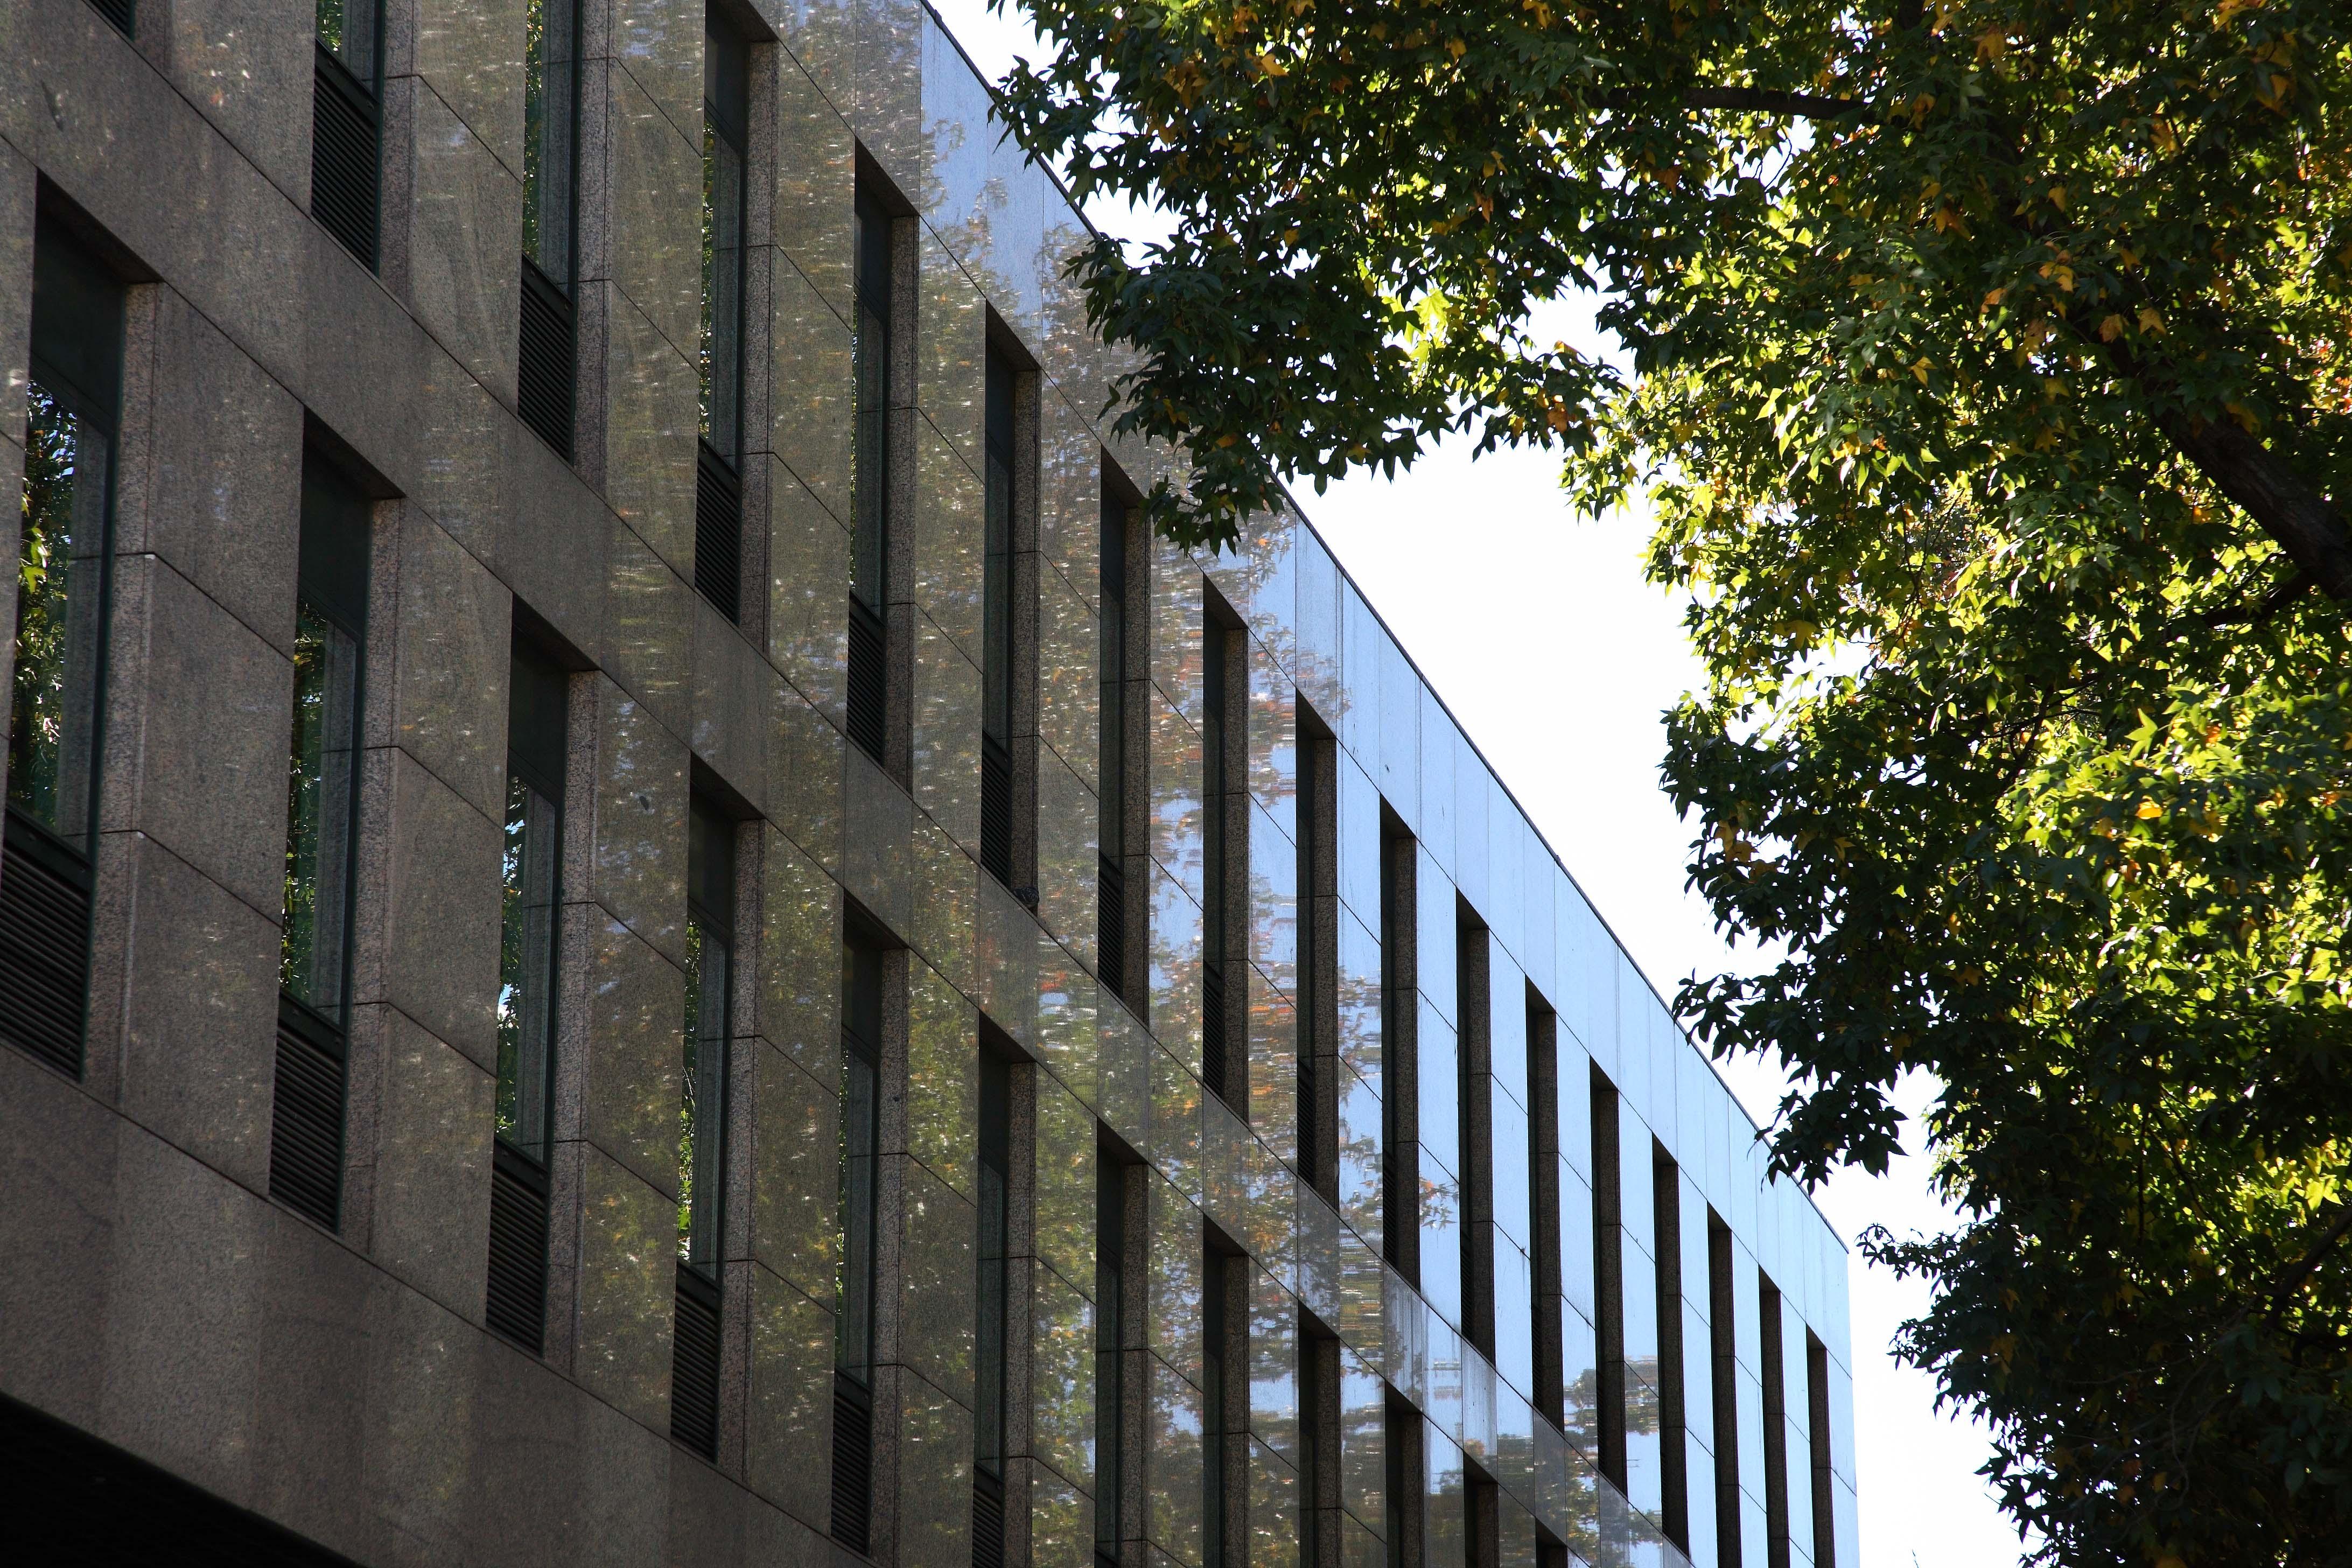 O imóvel está localizado na zona do Bonfim e tem 11.700 m2. / JLL